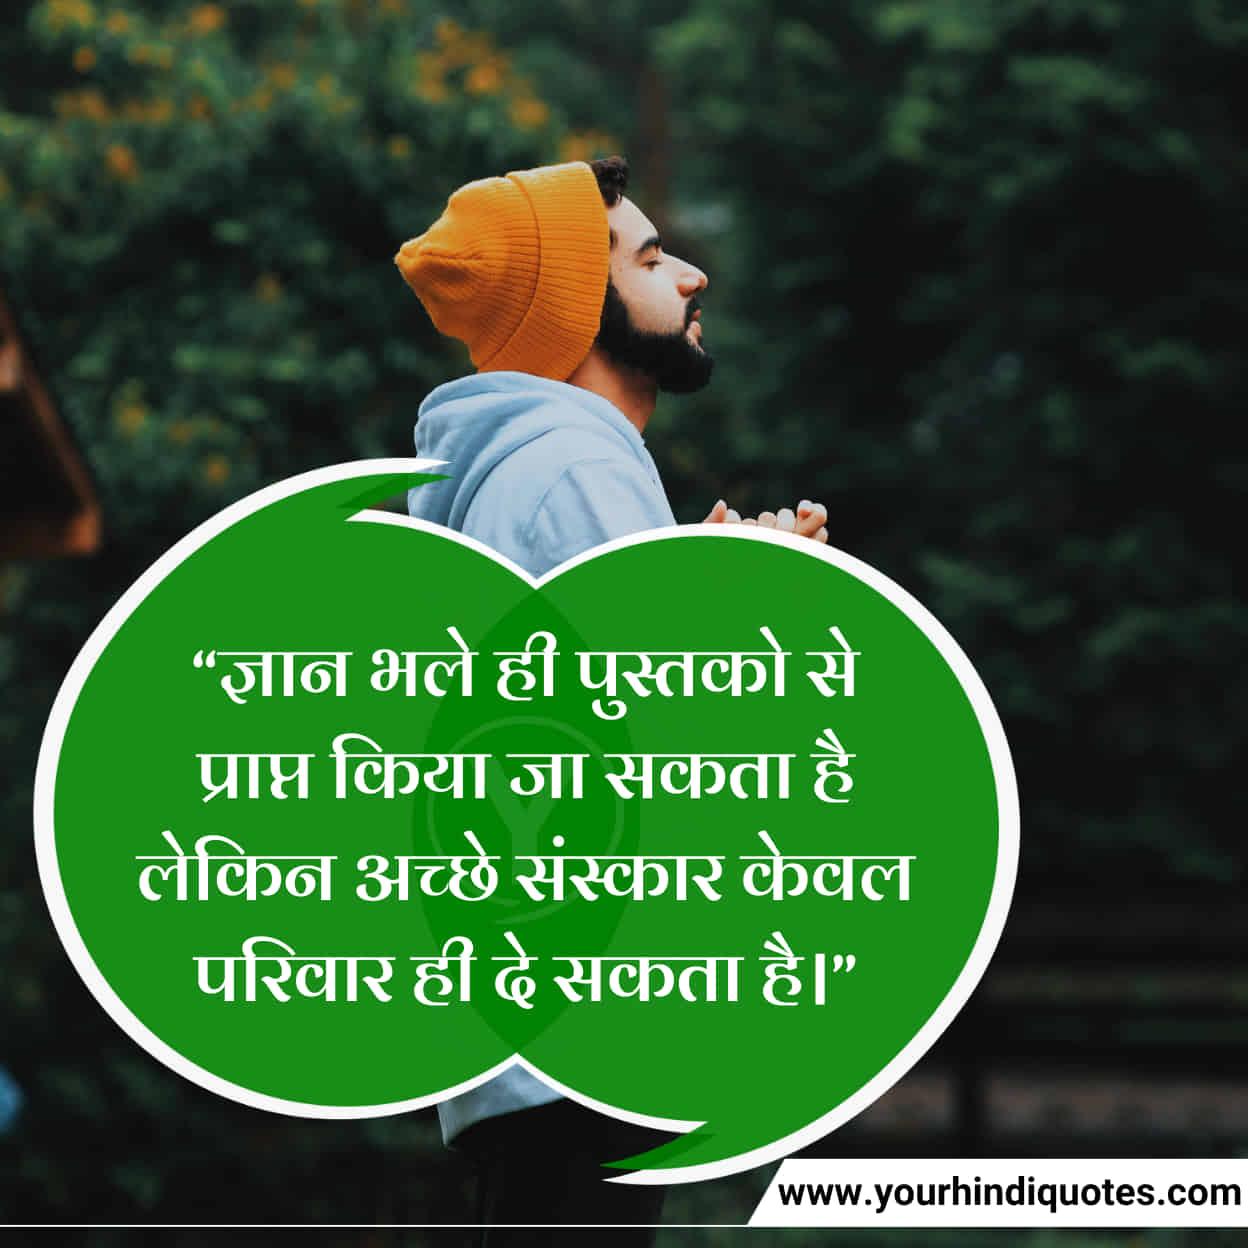 Hindi Cute Family Quotes In Hindi